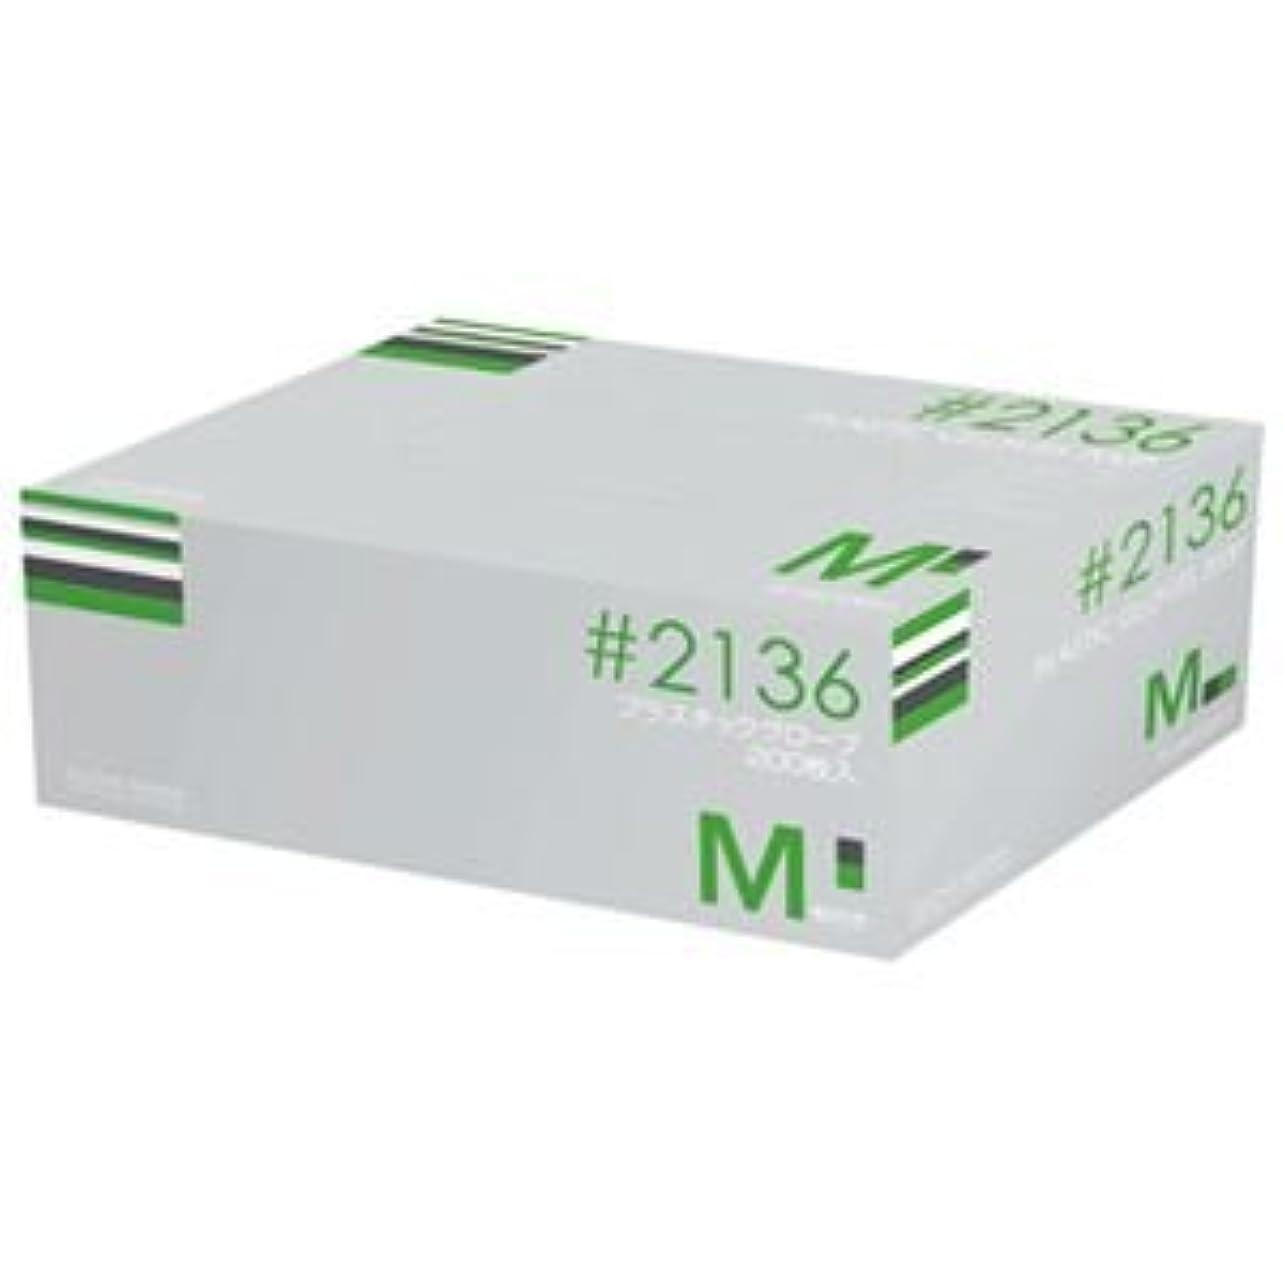 照らす土器マラドロイト(業務用10セット) 川西工業 プラスティックグローブ #2136 M 粉付